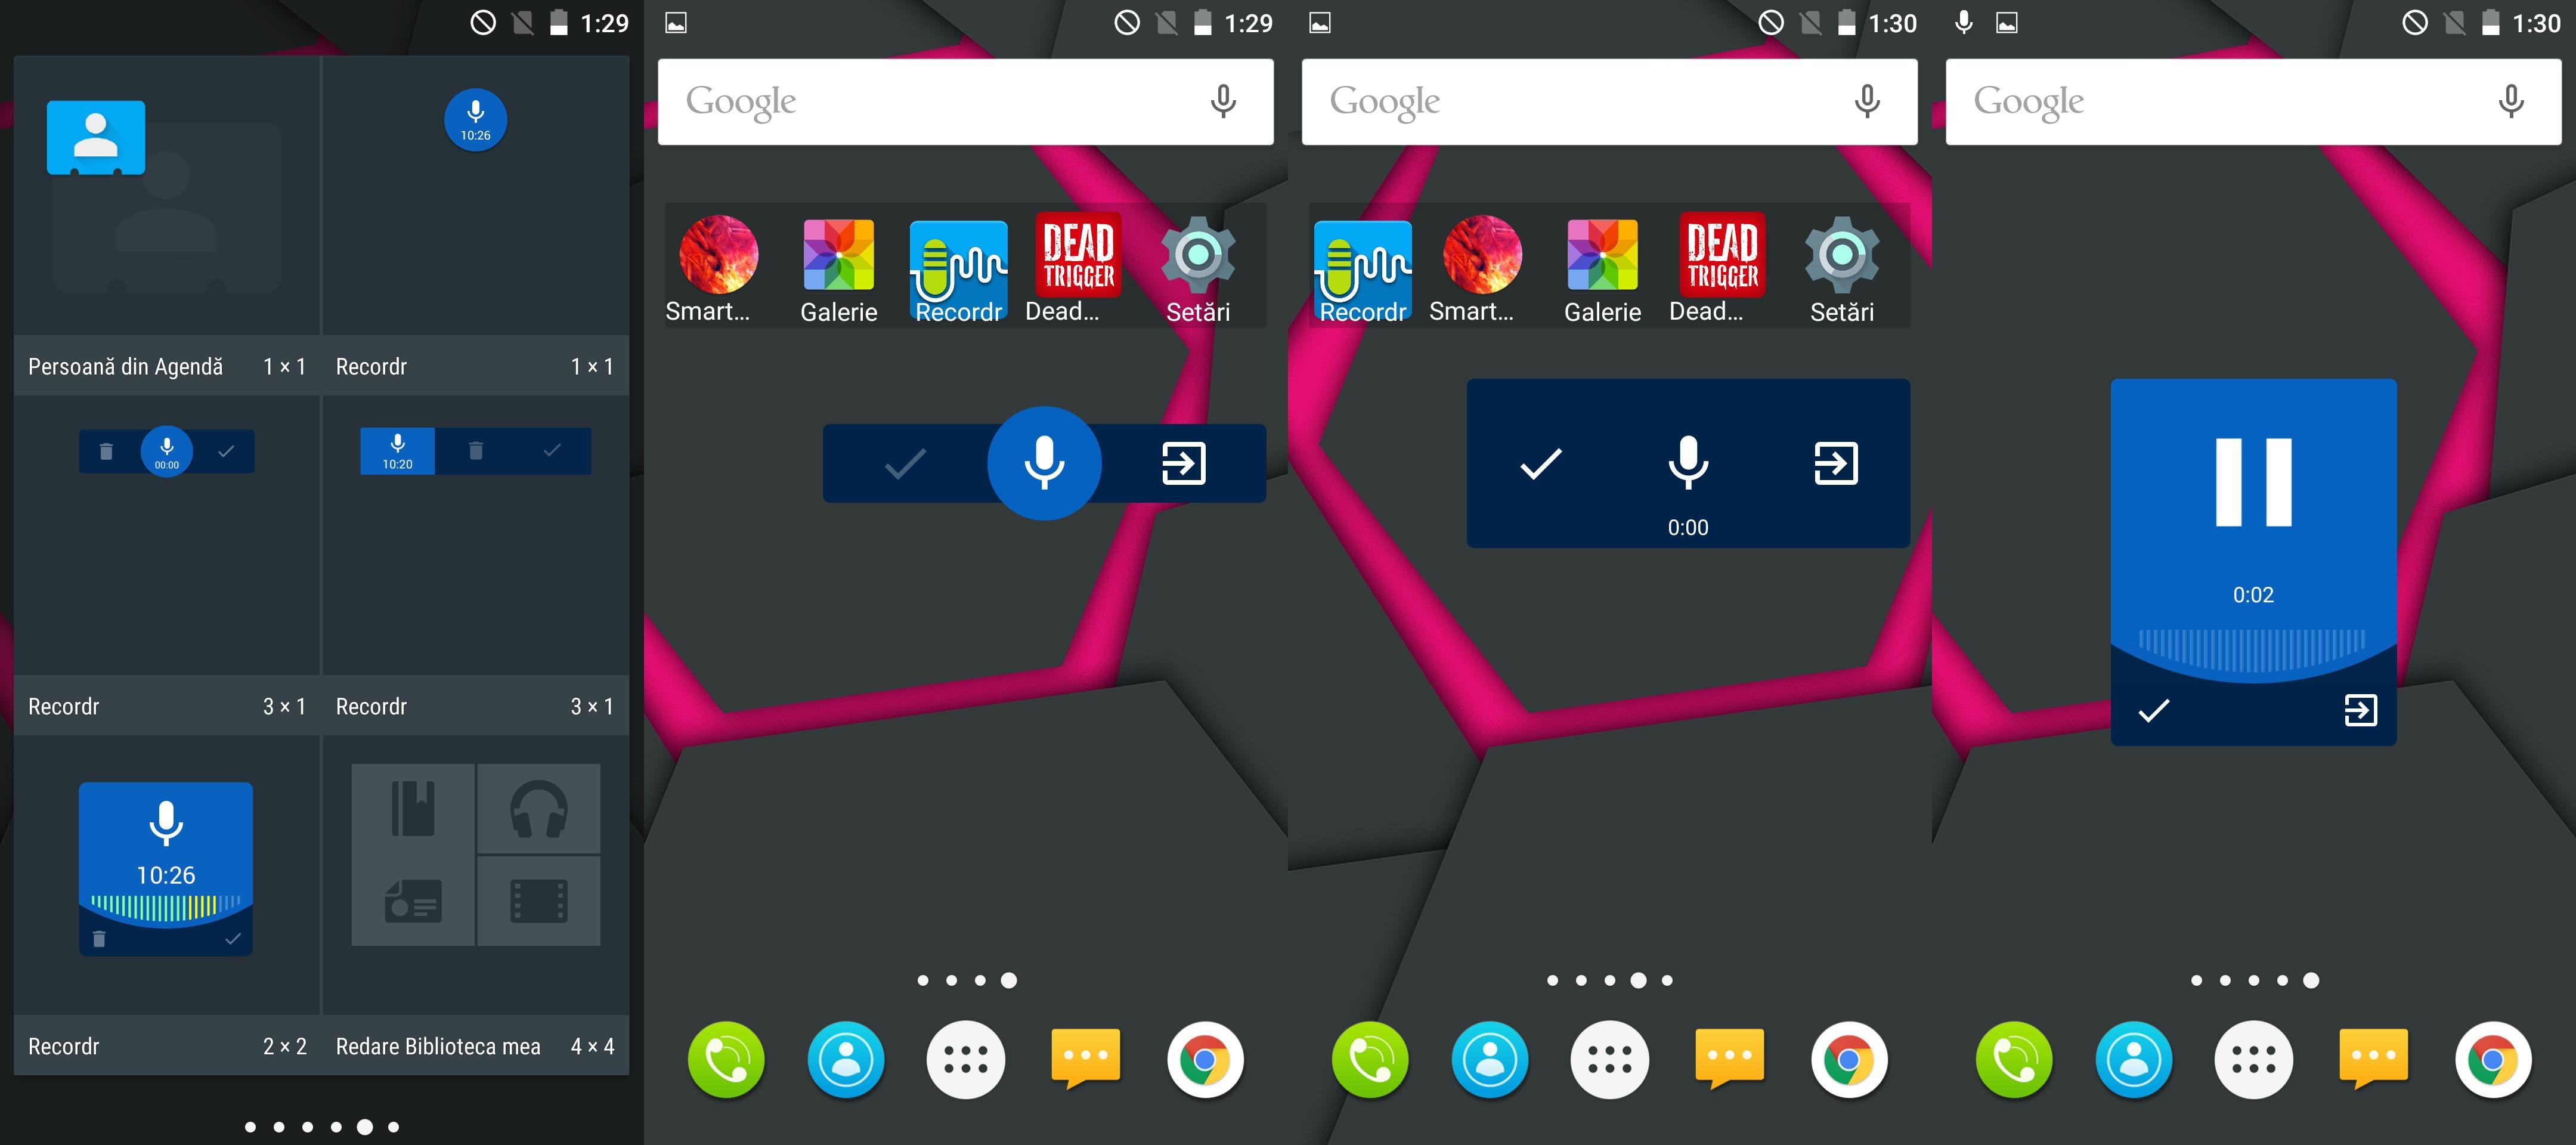 descărcare (2) Recordr - sound recorder profesional pentru Android cu functii interesante